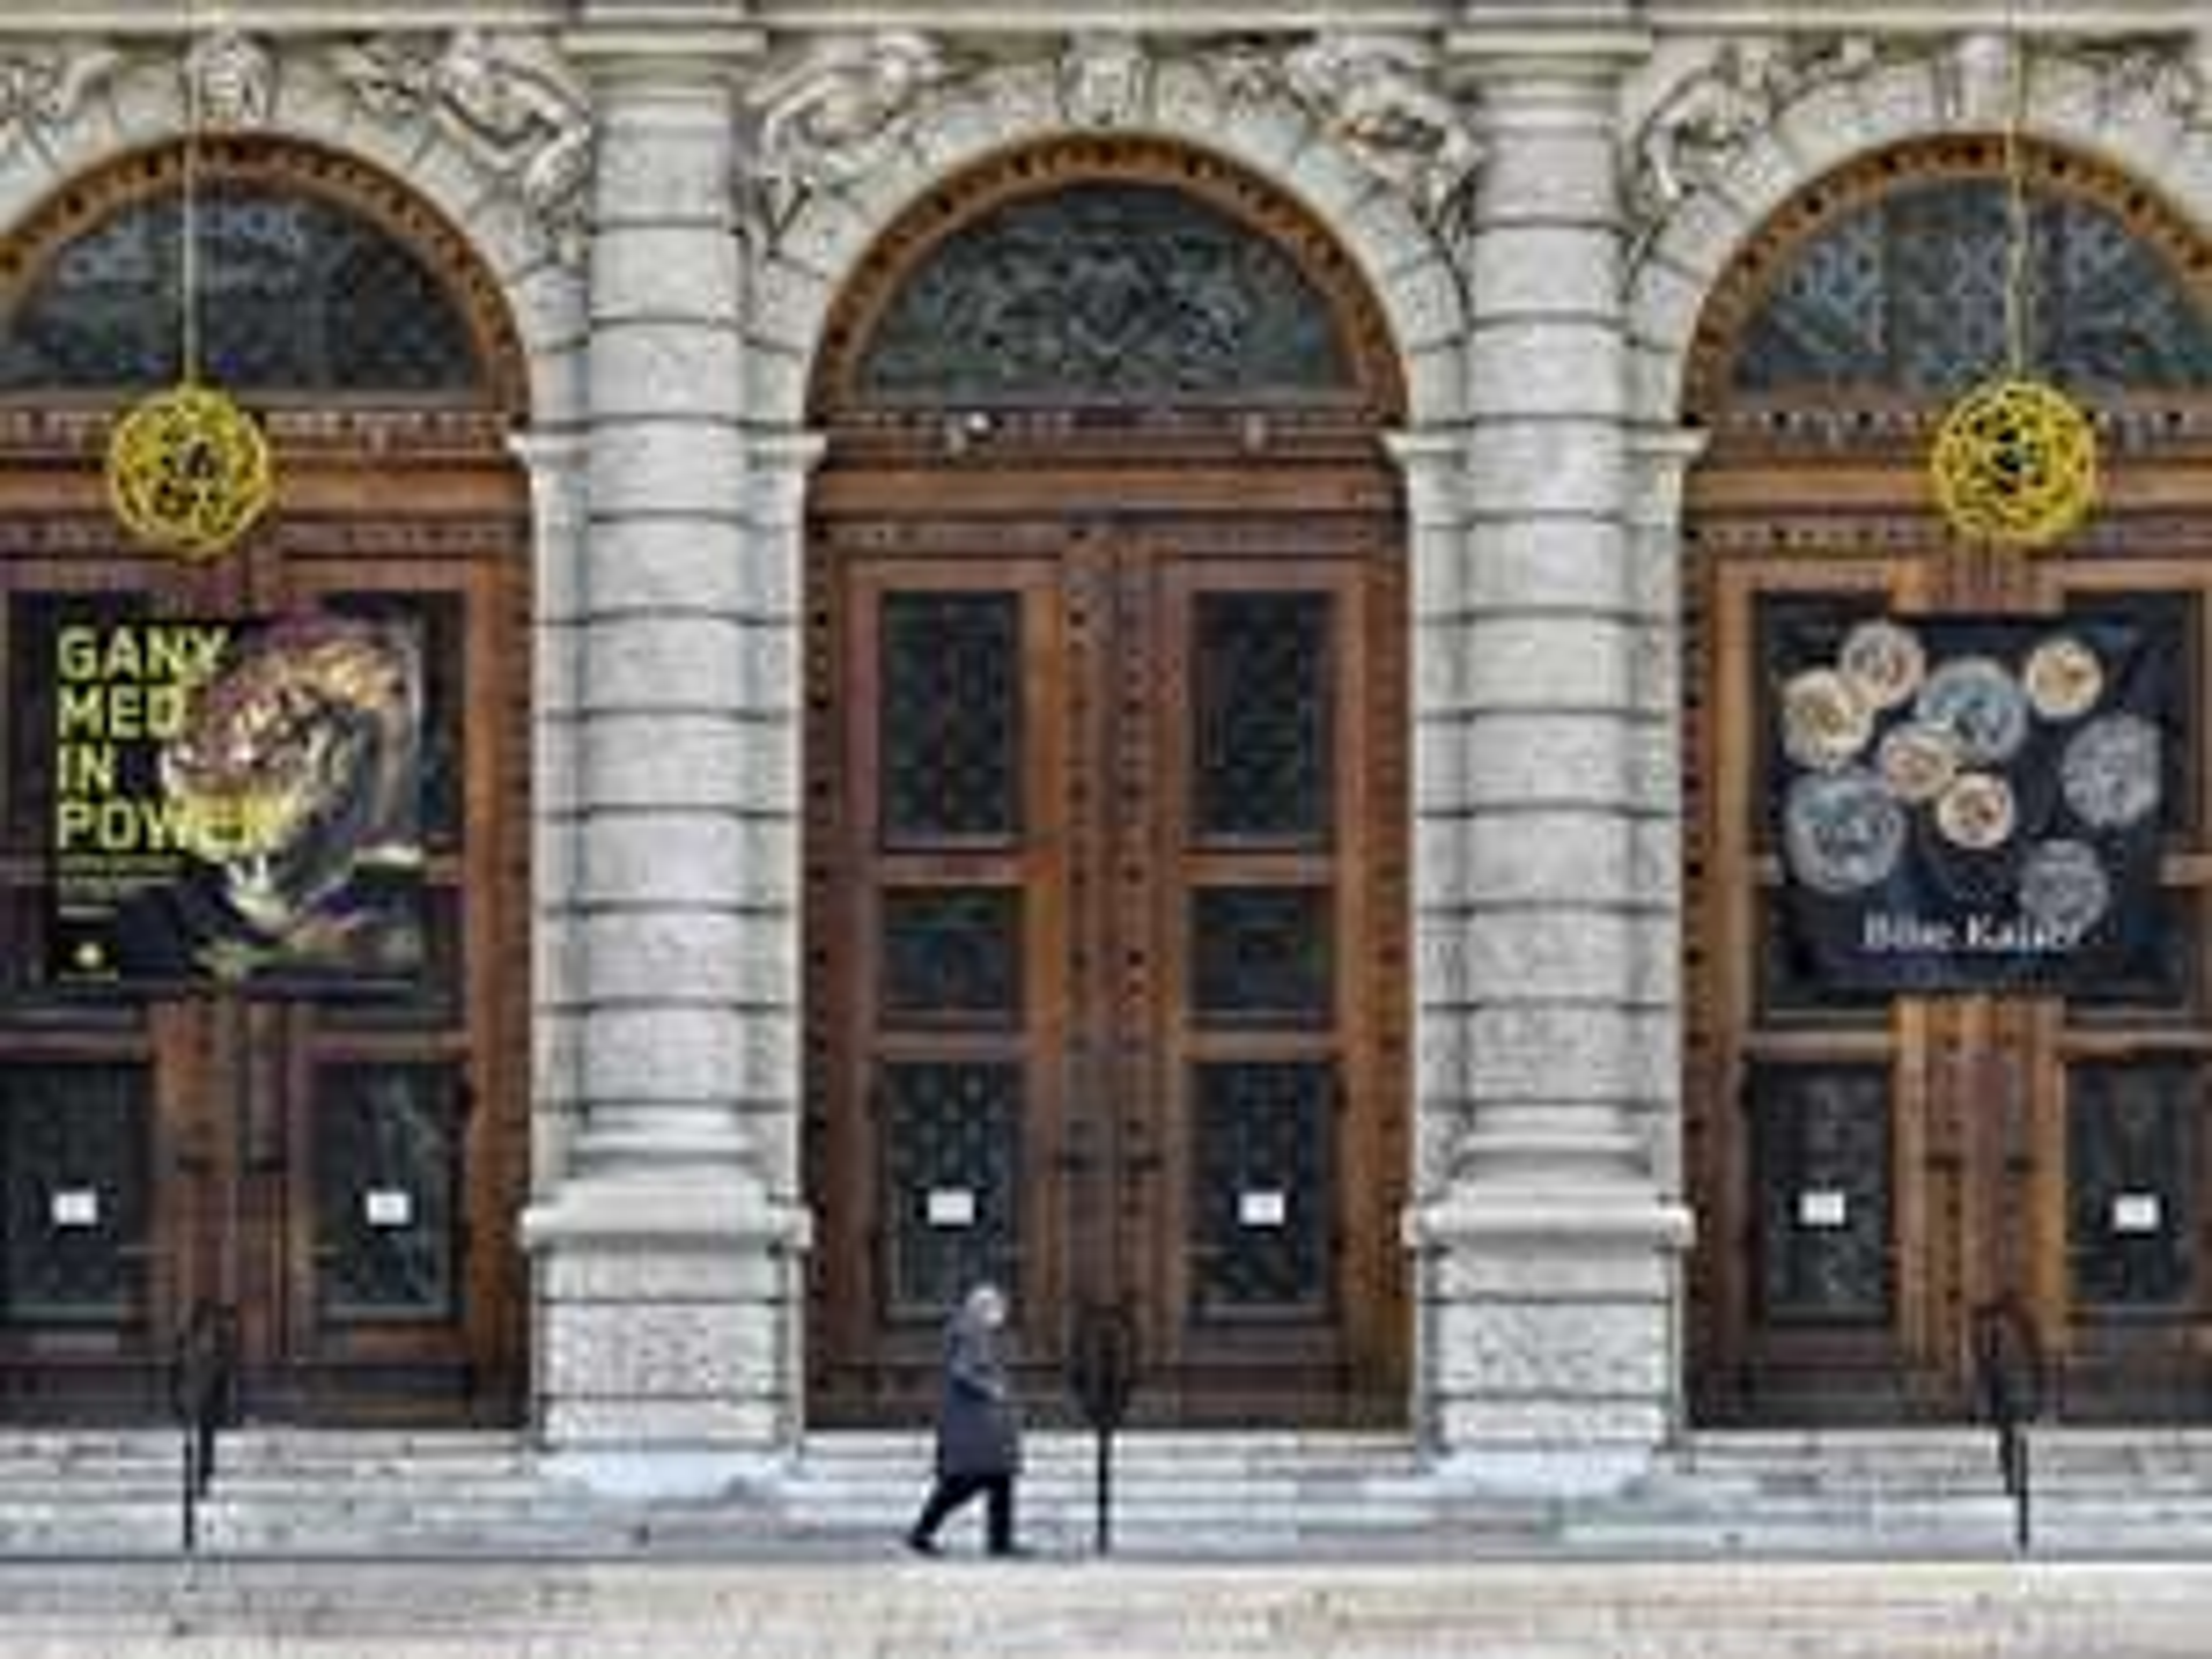 Freier Eintritt in drei namhafte Museen: Kaiserliche Schatzkammer Wien, Stift Klosterneuburg, Dom Museum Wien (16. August)